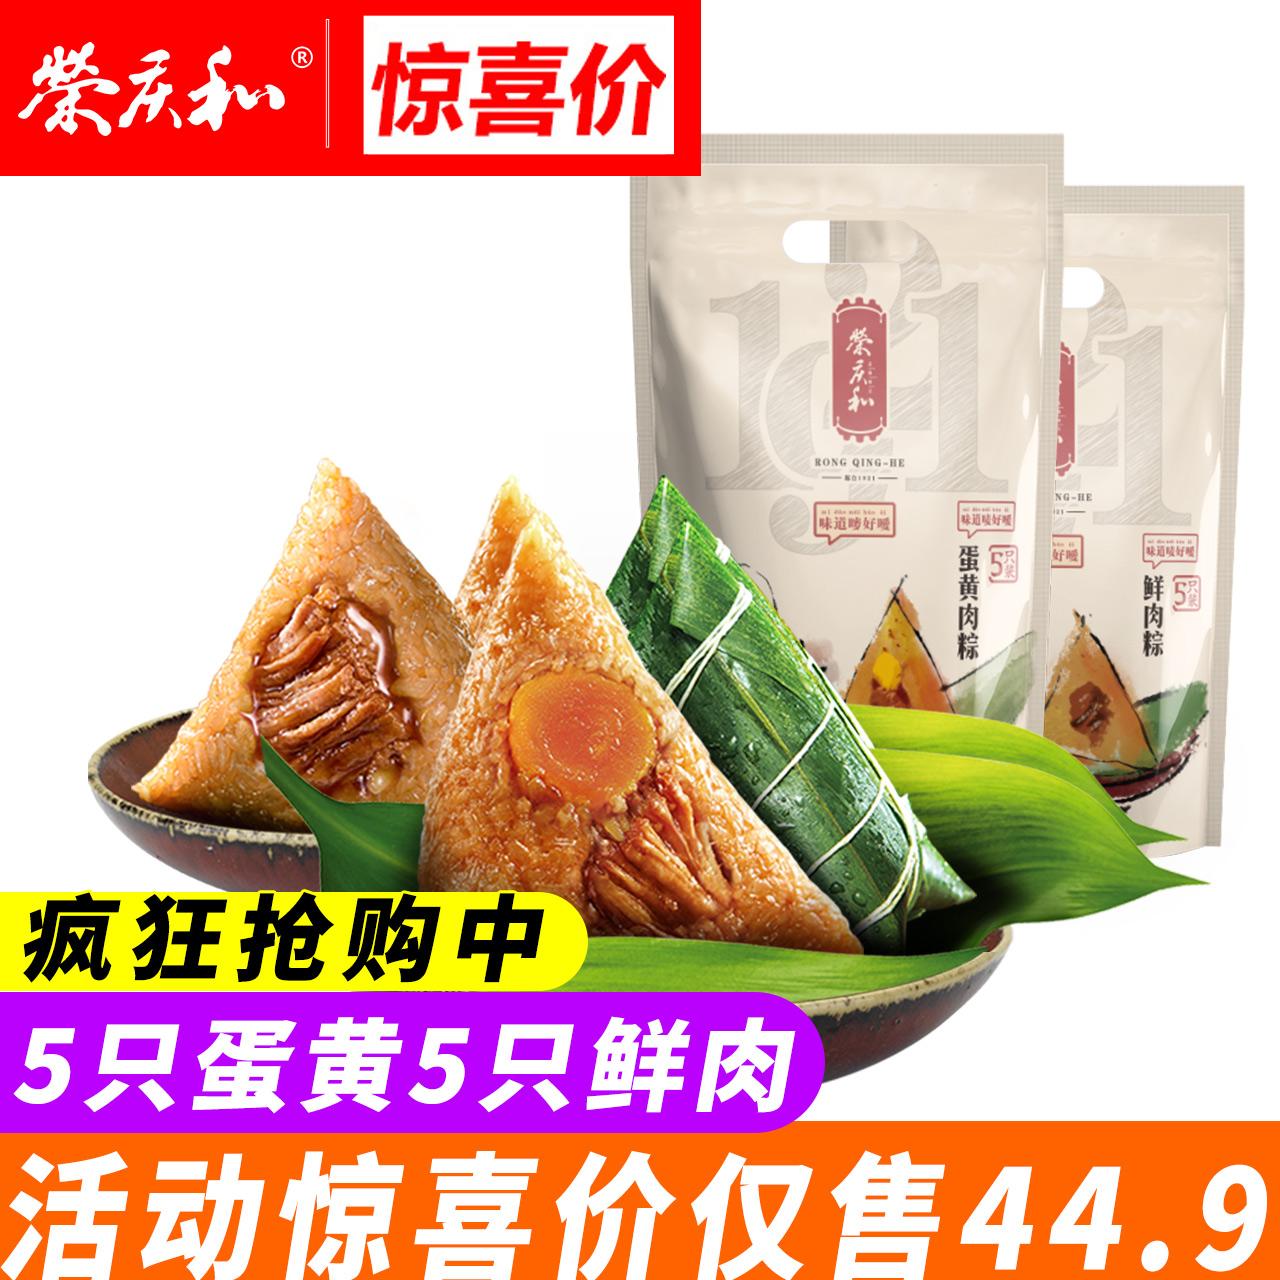 榮慶和鮮肉粽加蛋黃粽真空新鮮嘉興粽子浙江特產散裝粽子葉團購